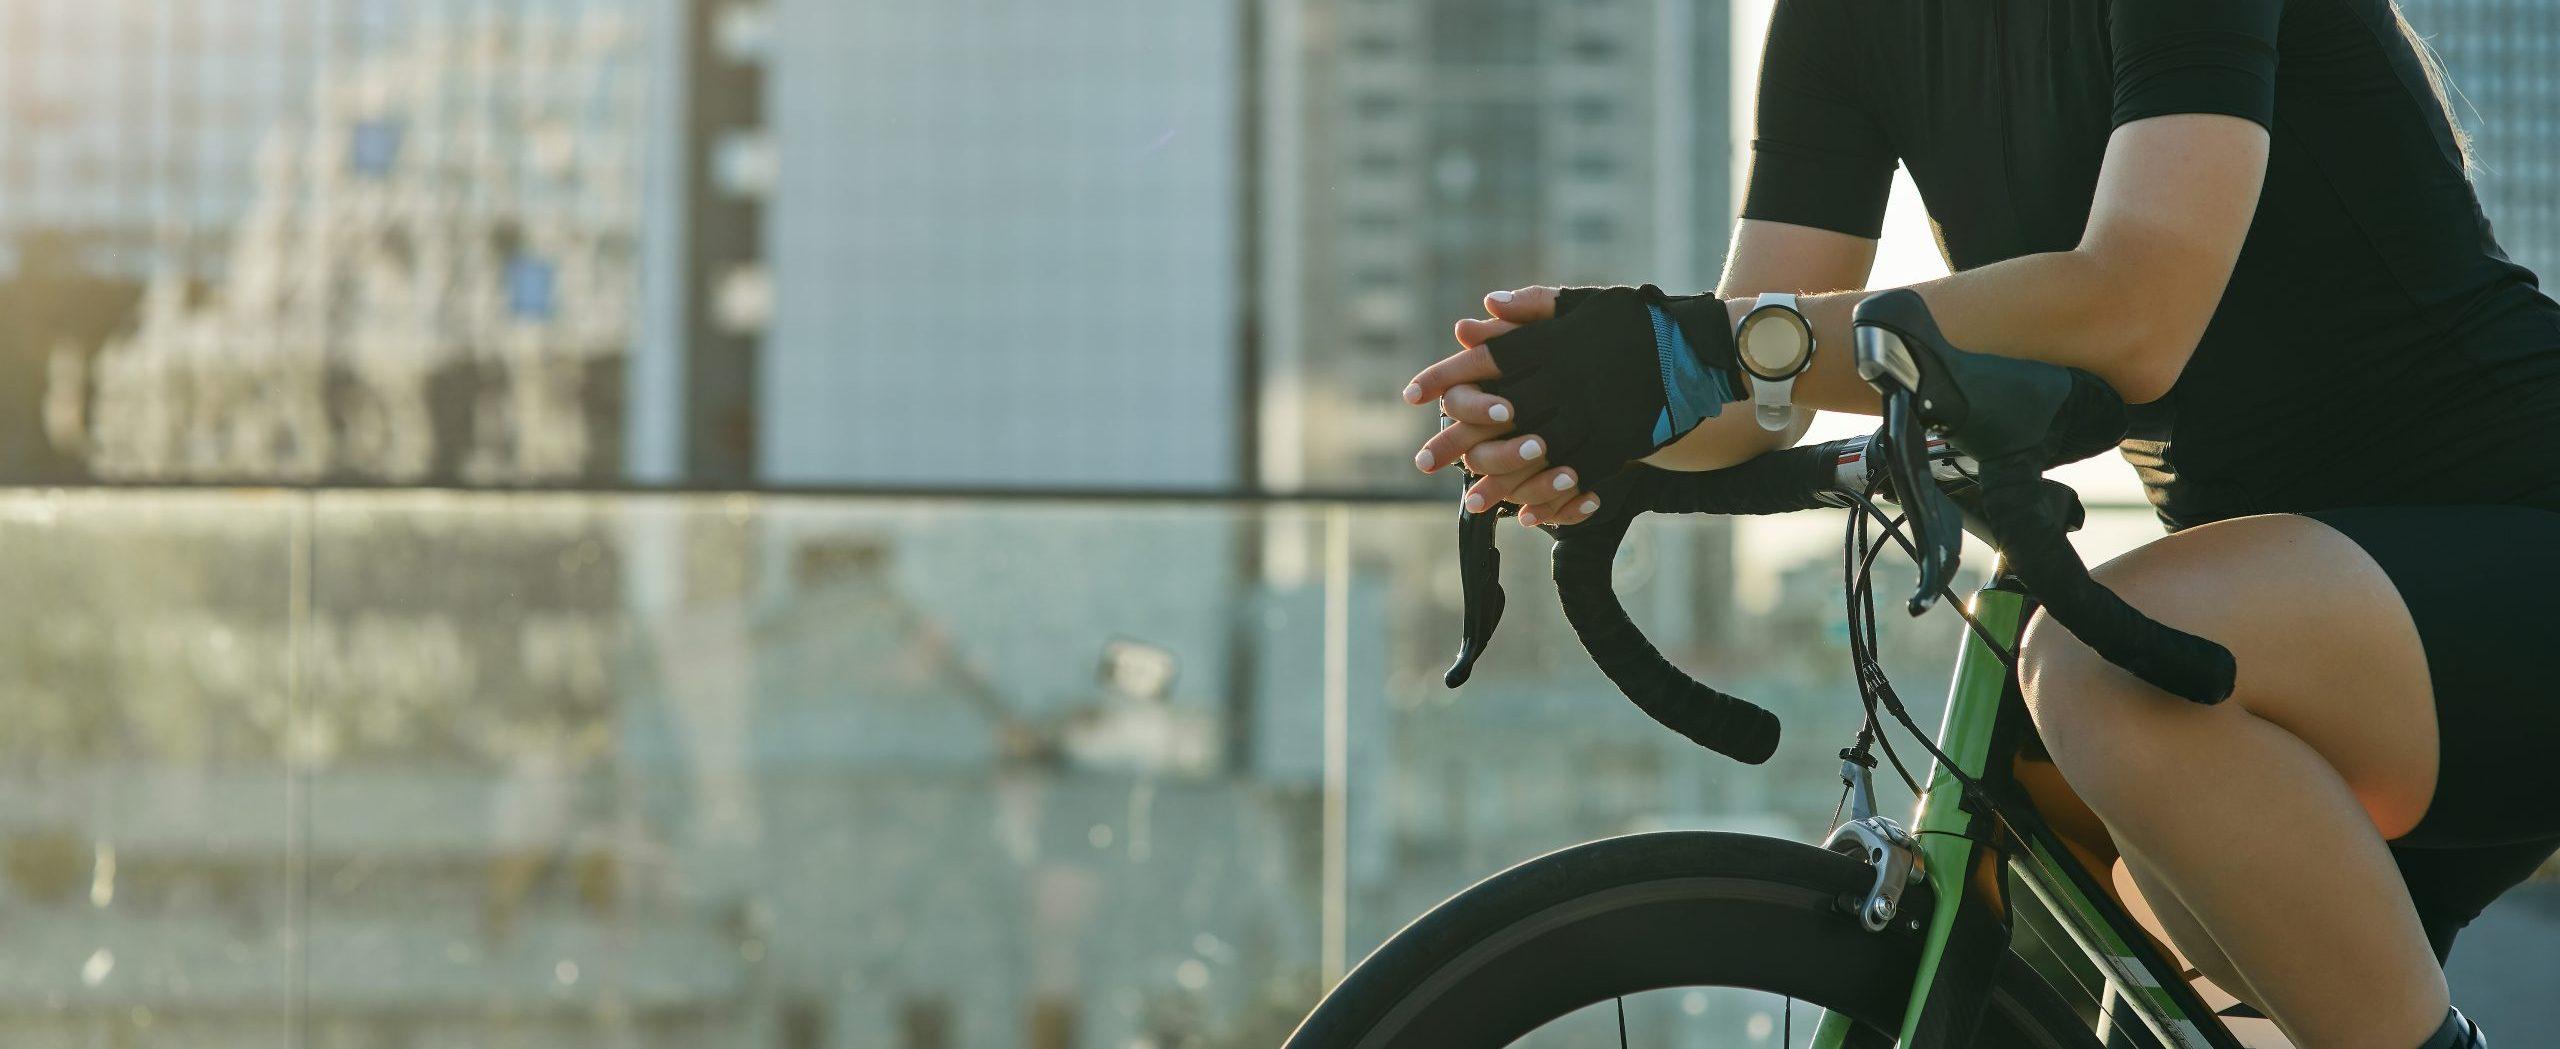 Entrainement en cyclisme : l'importance de la récupération